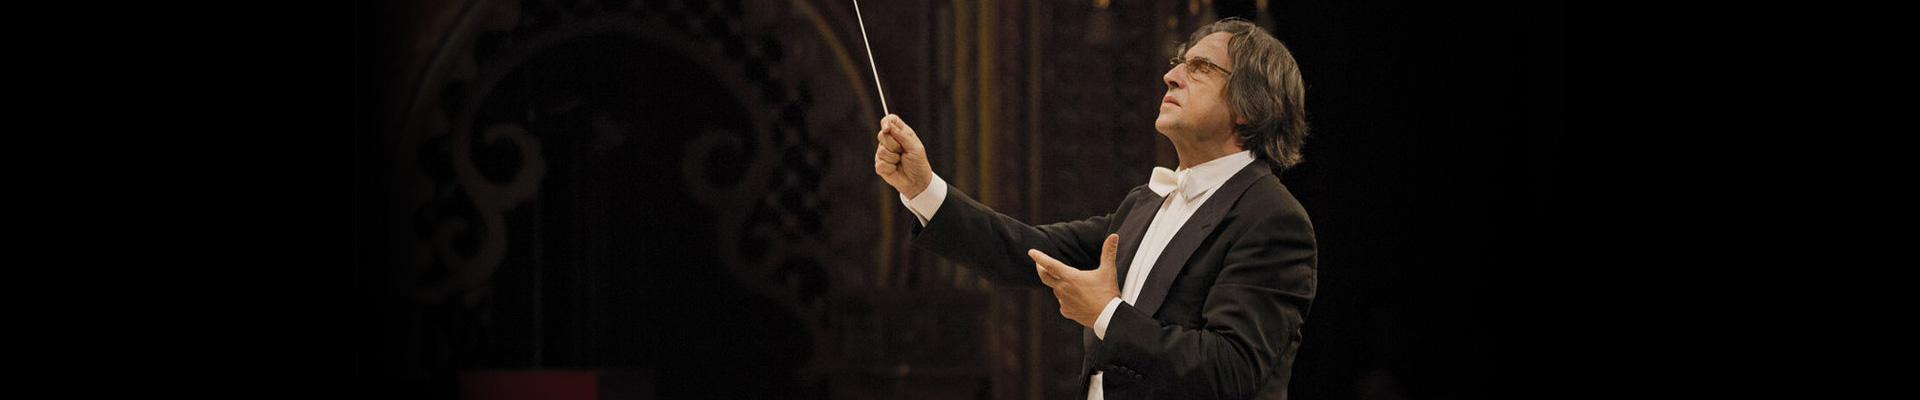 The Chicago Symphony Chorus and the Chicago Symphony Orchestra present Verdi's Aïda